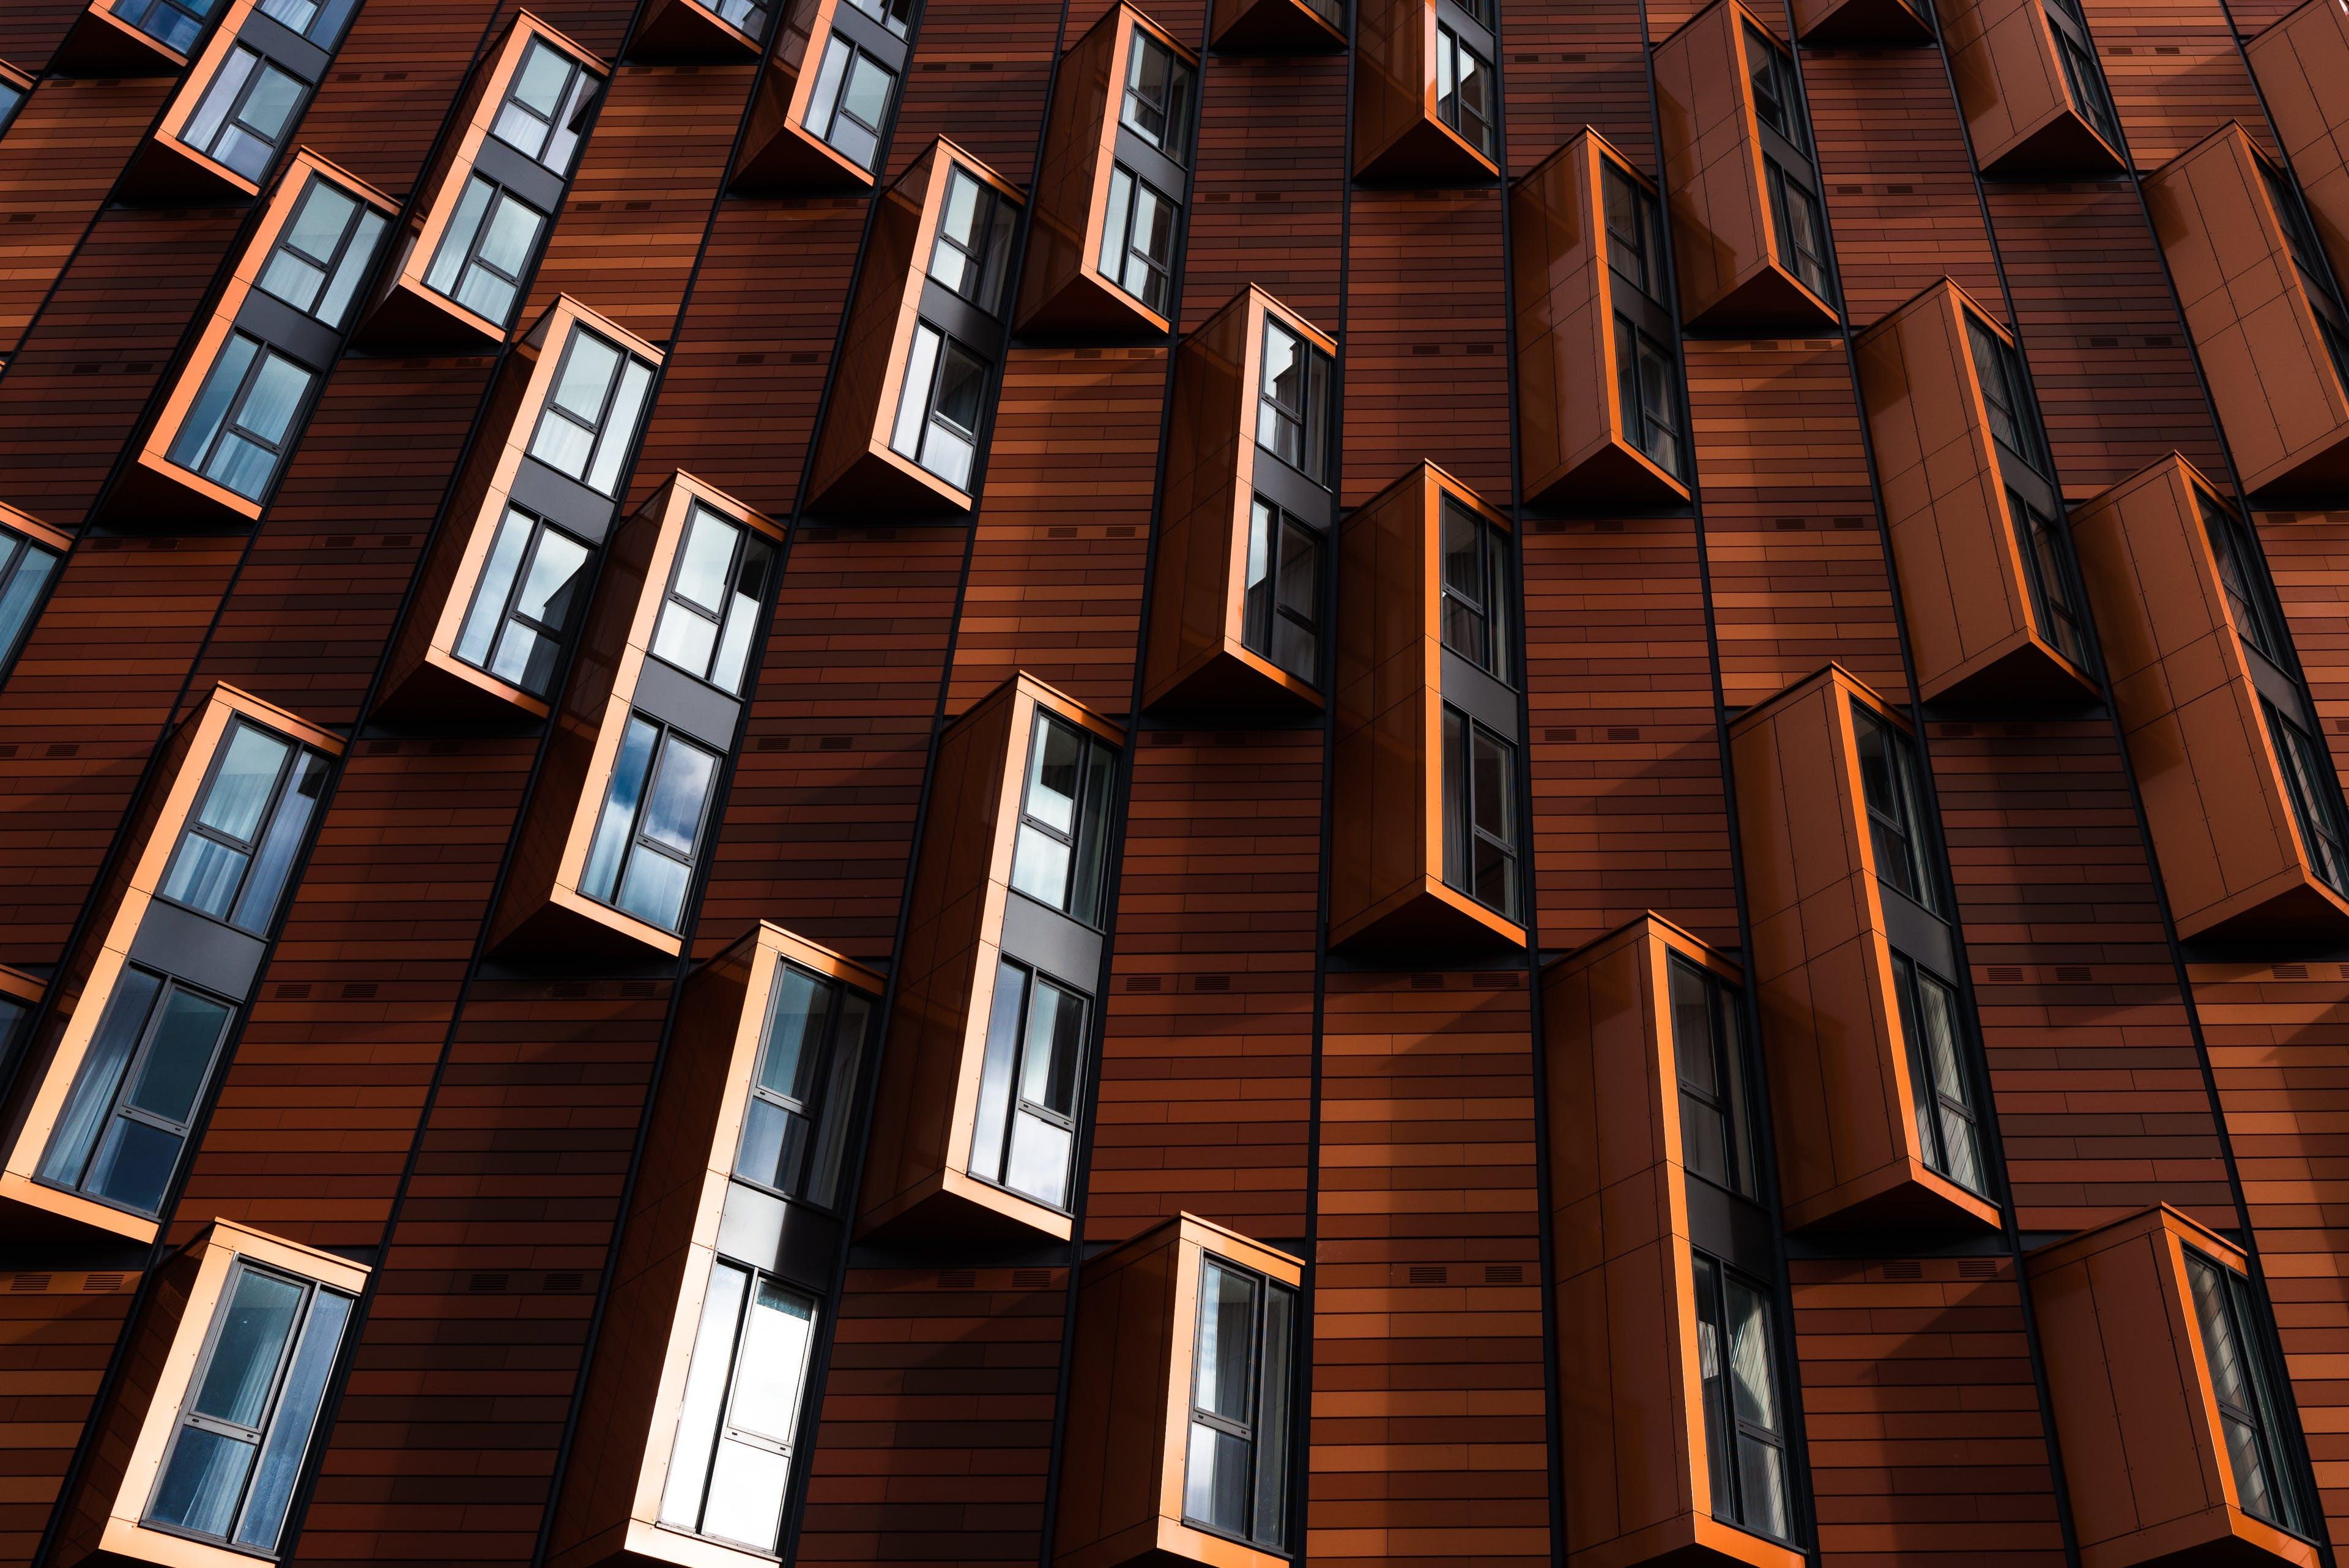 Brown Wooden Window Wallpaper